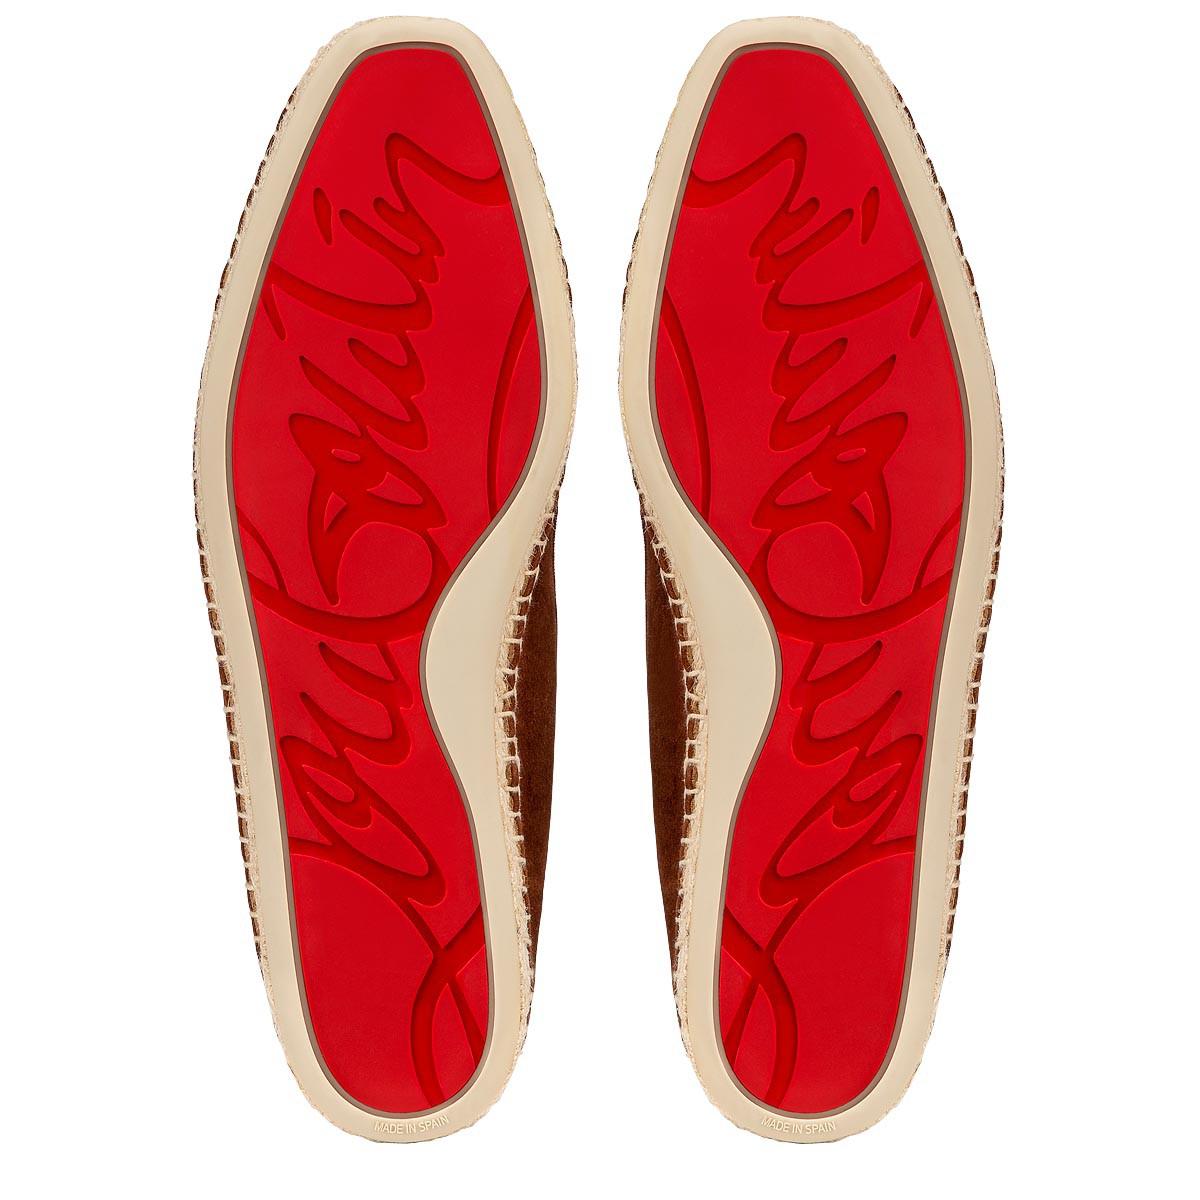 Shoes - Nanou Orlato - Christian Louboutin